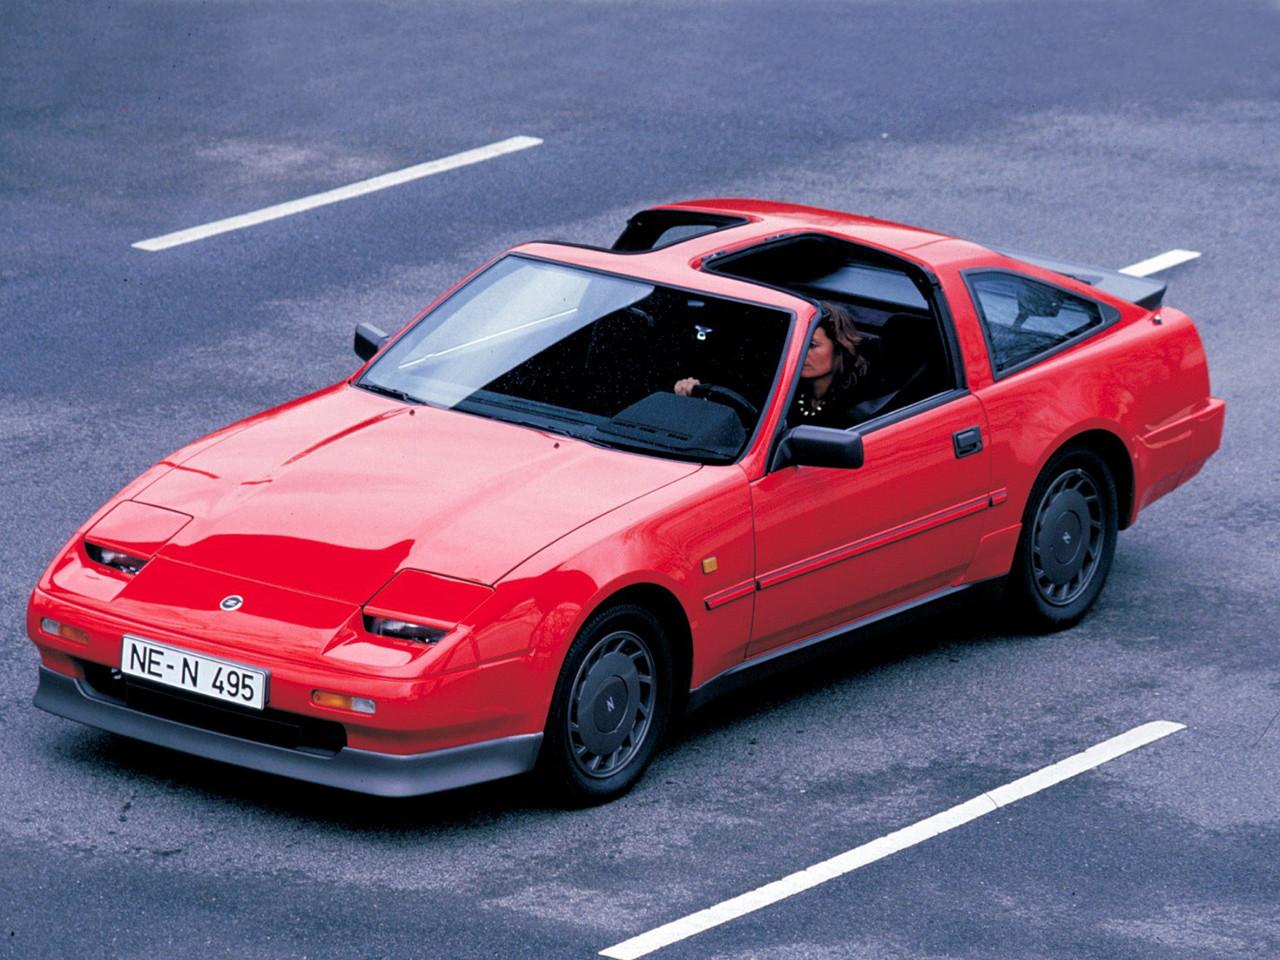 日本車, 日産, クラシックカー, Nissan 300ZX Z31 Fairlady Z, stary japoński samochód, youngtimer, JDM, sportowy, zdjęcia, fotki, t-bar dach